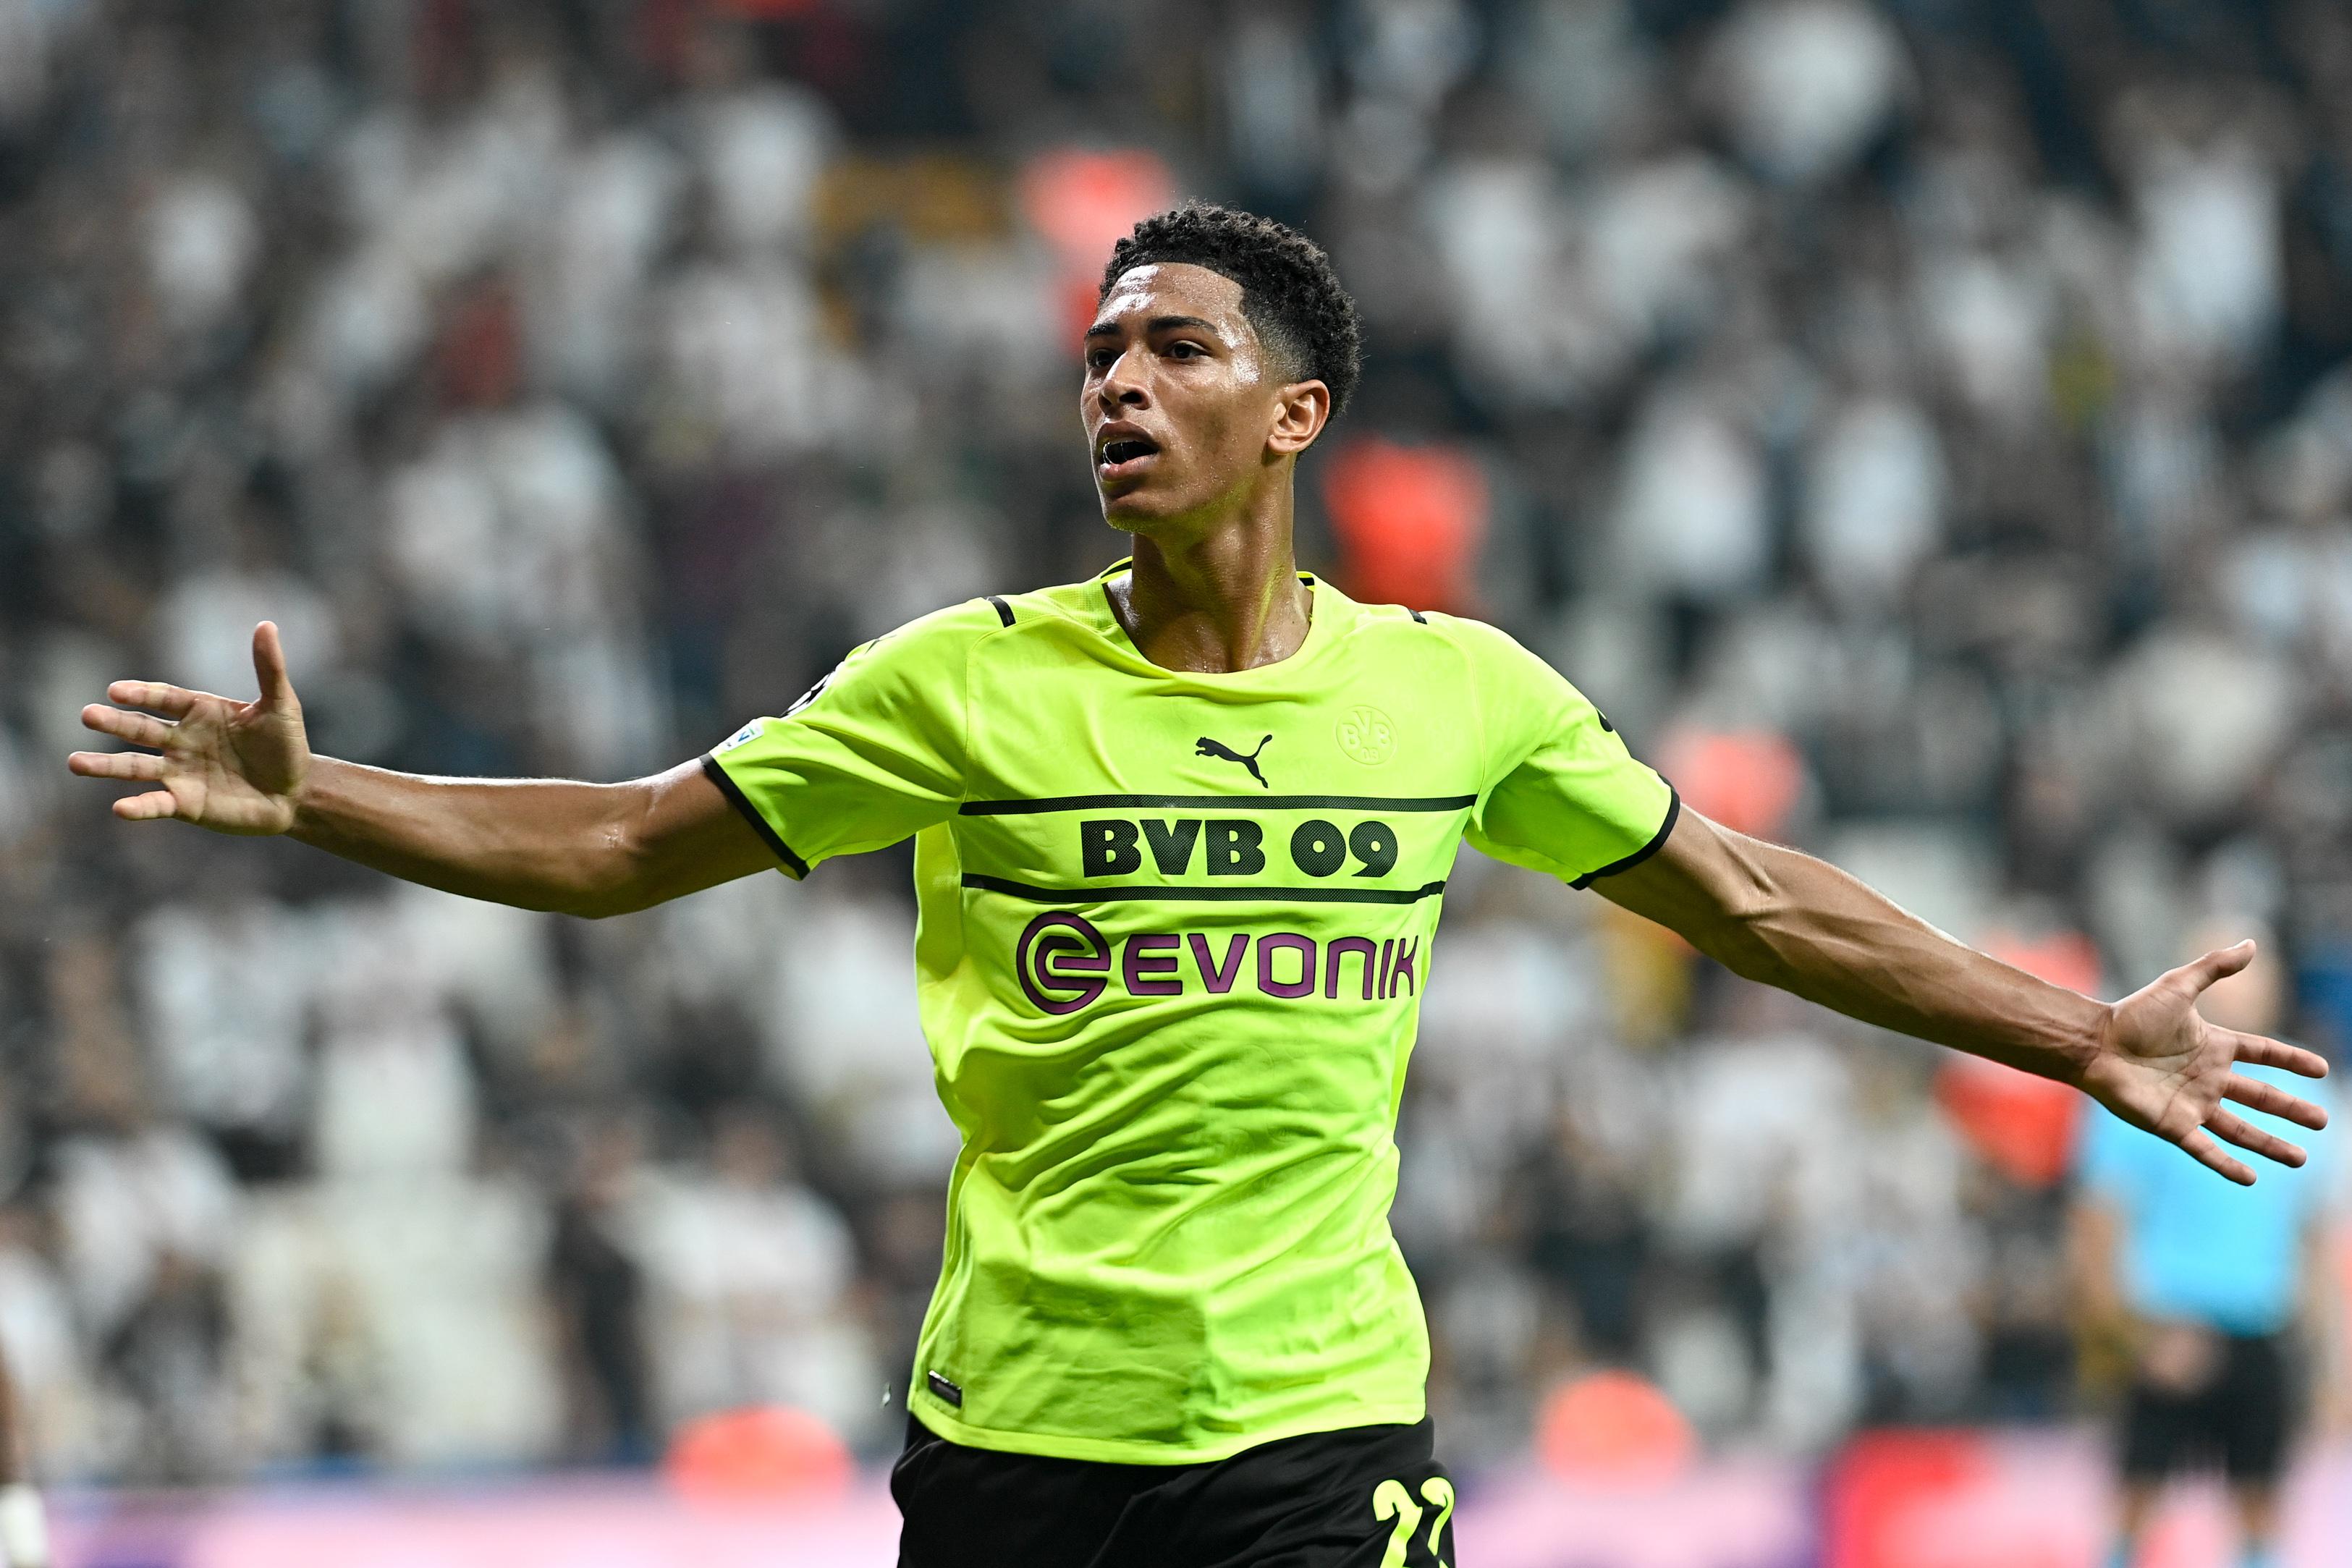 Besiktas v Borussia Dortmund - UEFA Champions League